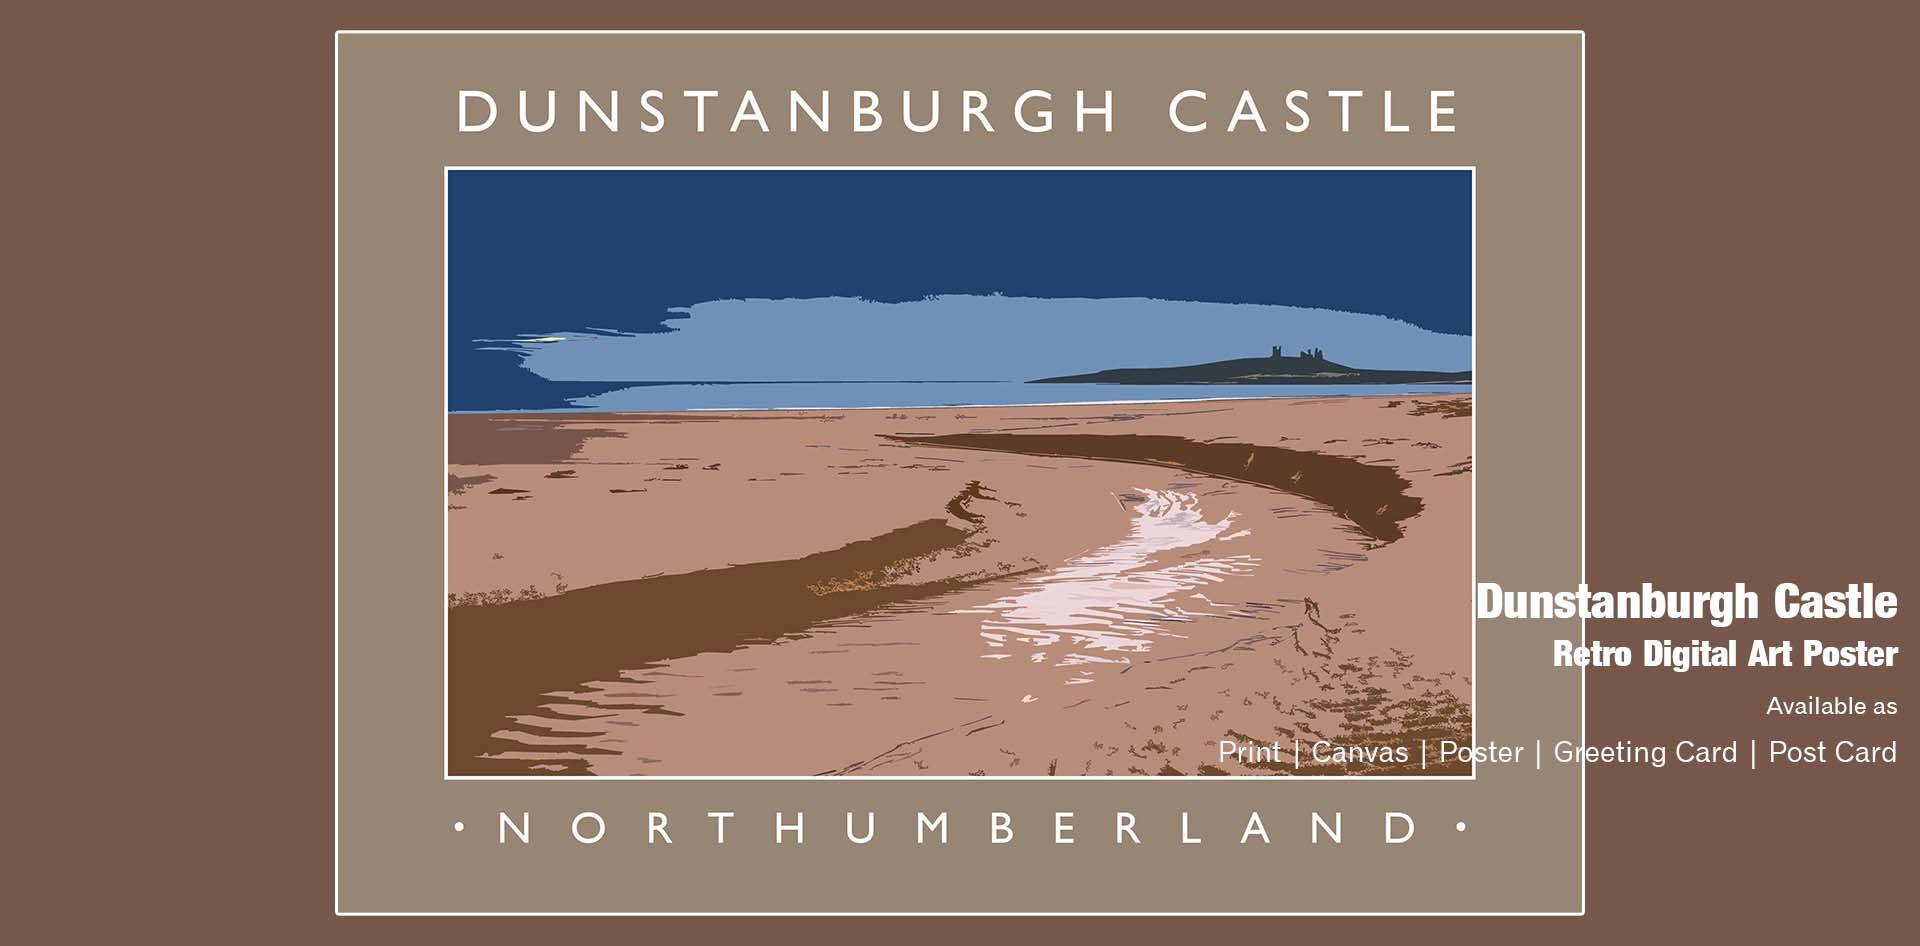 Dunstanburgh Castle Ponteland Print & Publishing